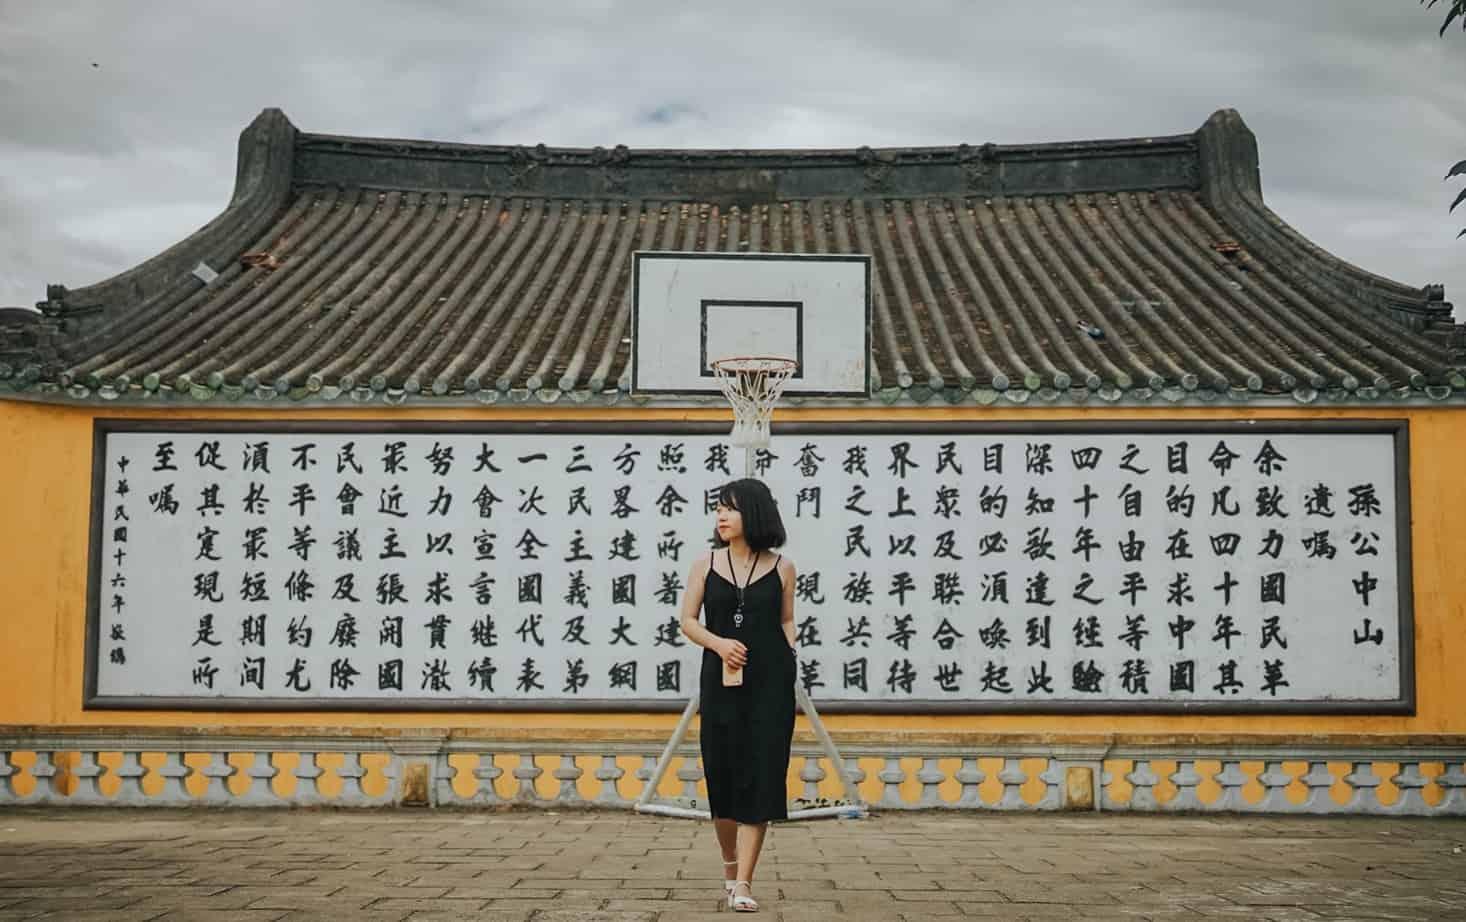 Sân bóng rổ Lễ Nghĩa. Hình: Hoàng Linh Hà